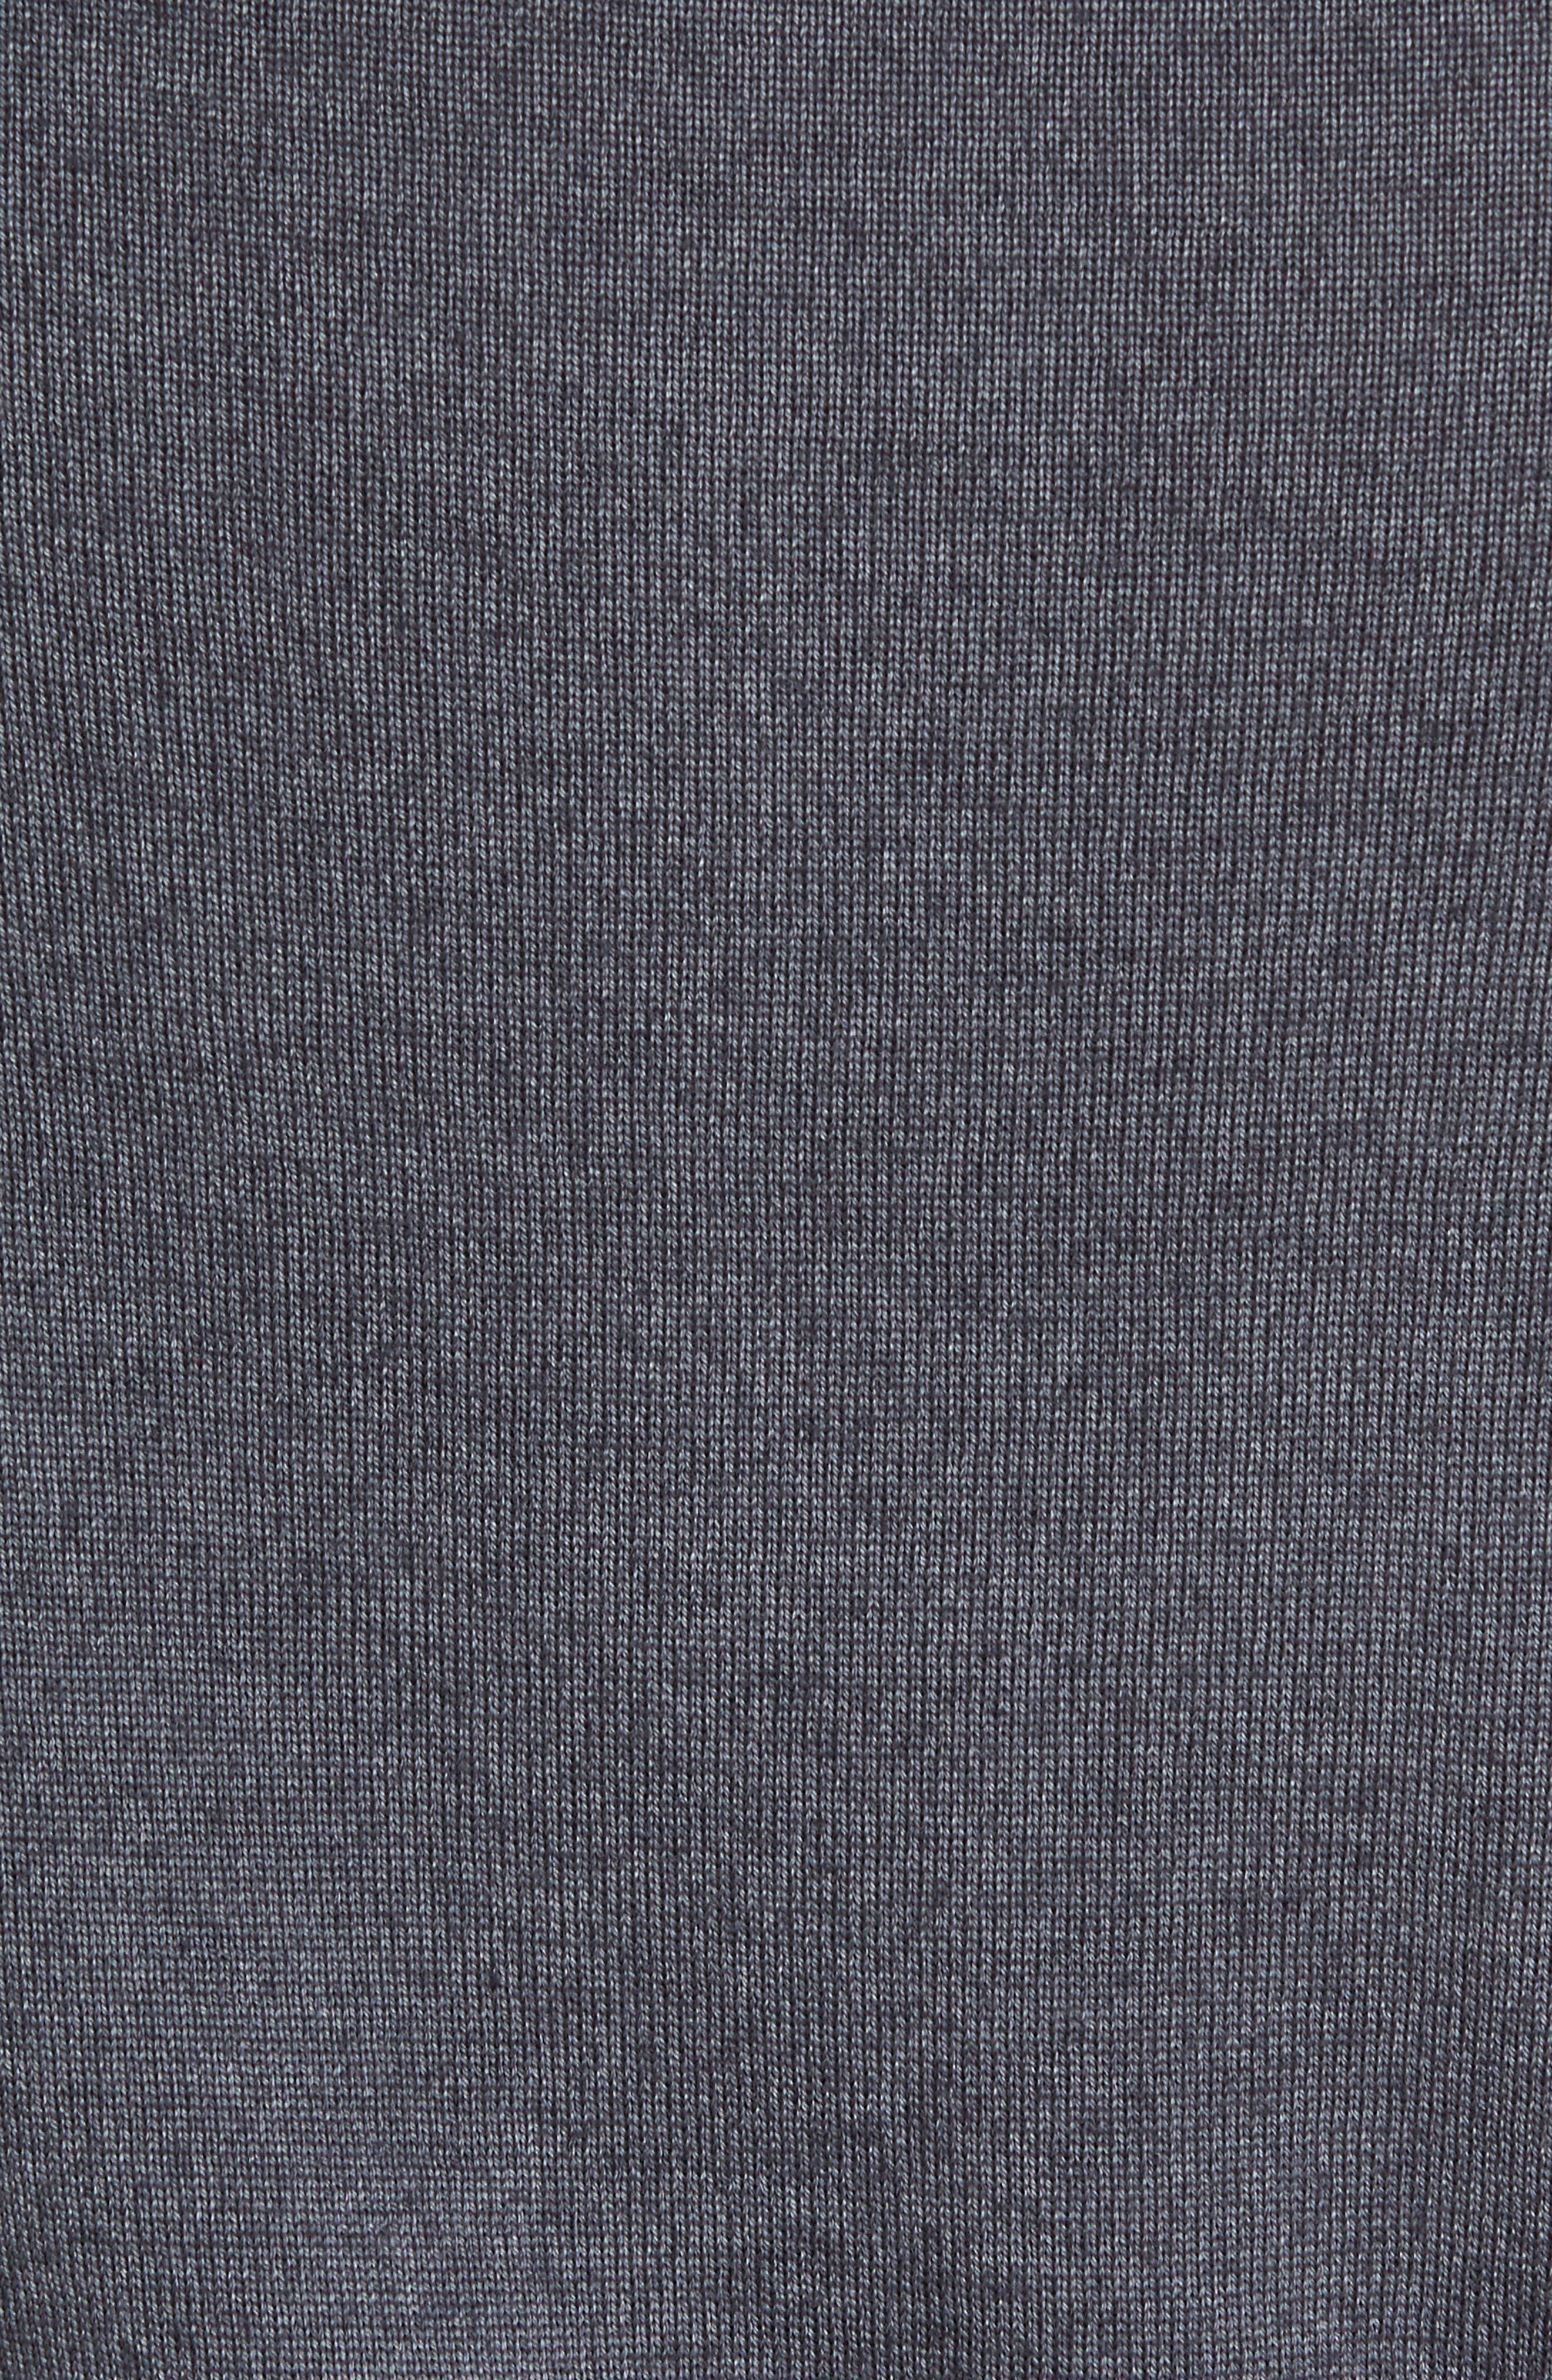 V-Neck Merino Wool Sweater,                             Alternate thumbnail 13, color,